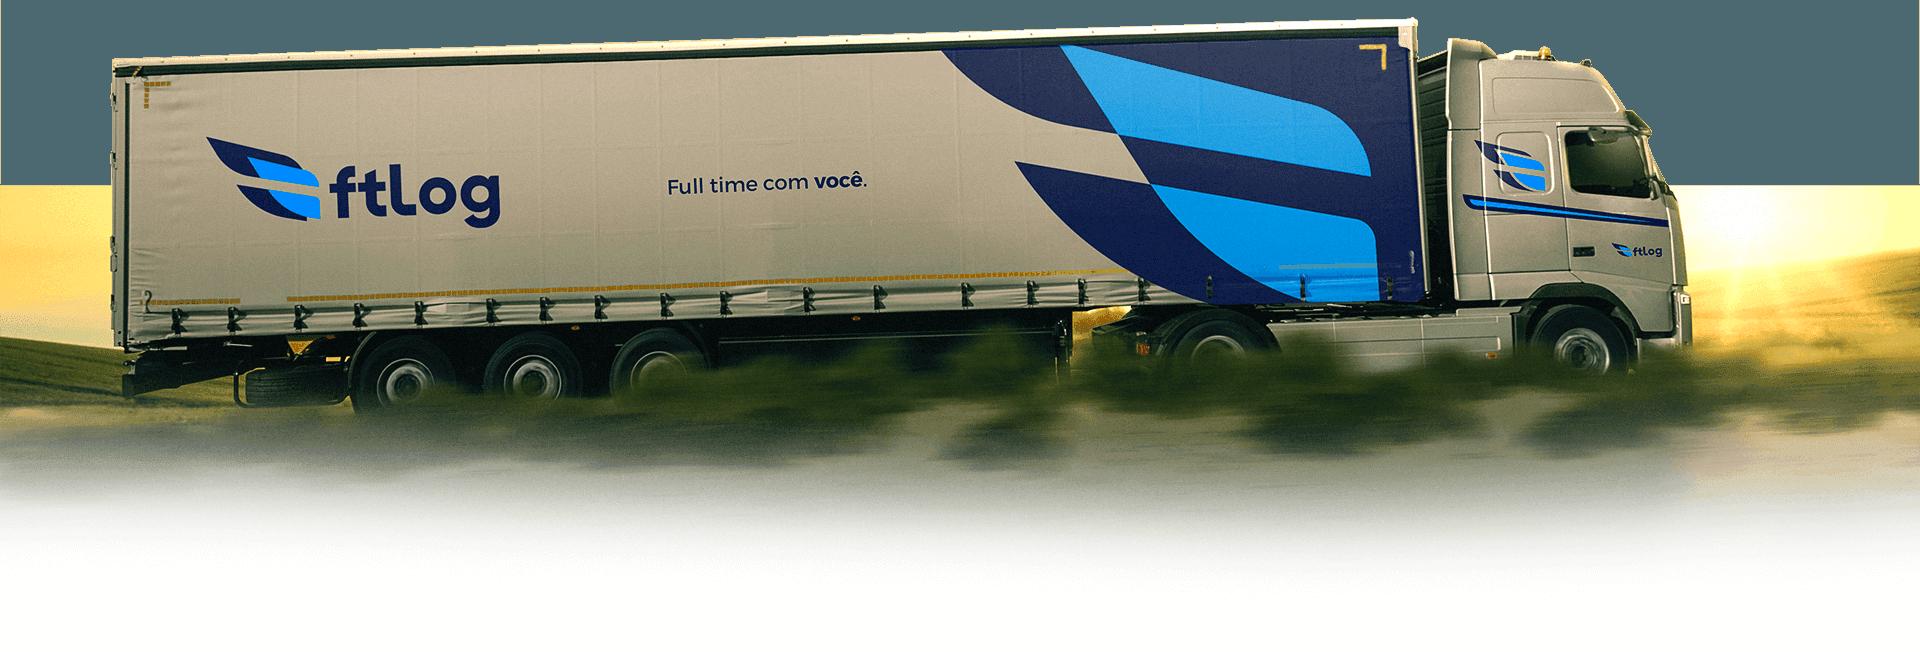 Caminhão da FT Log